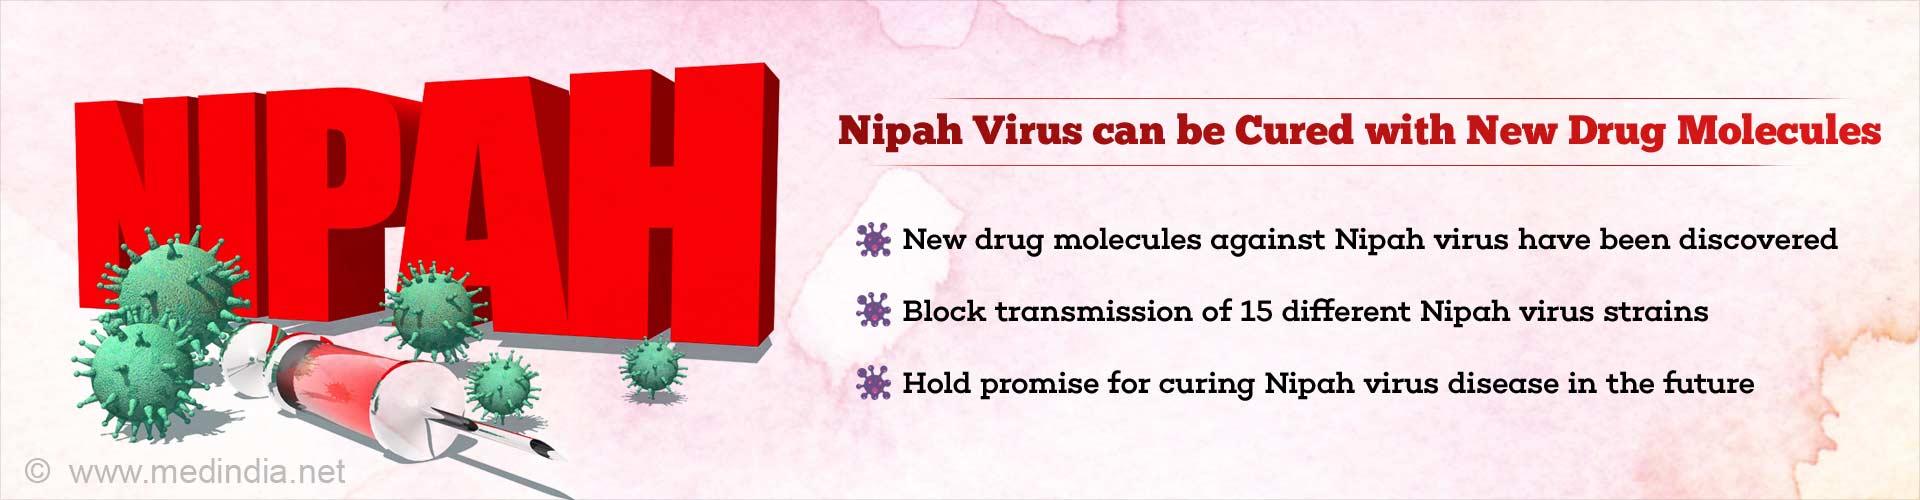 Nipah Virus: New Drugs on the Horizon